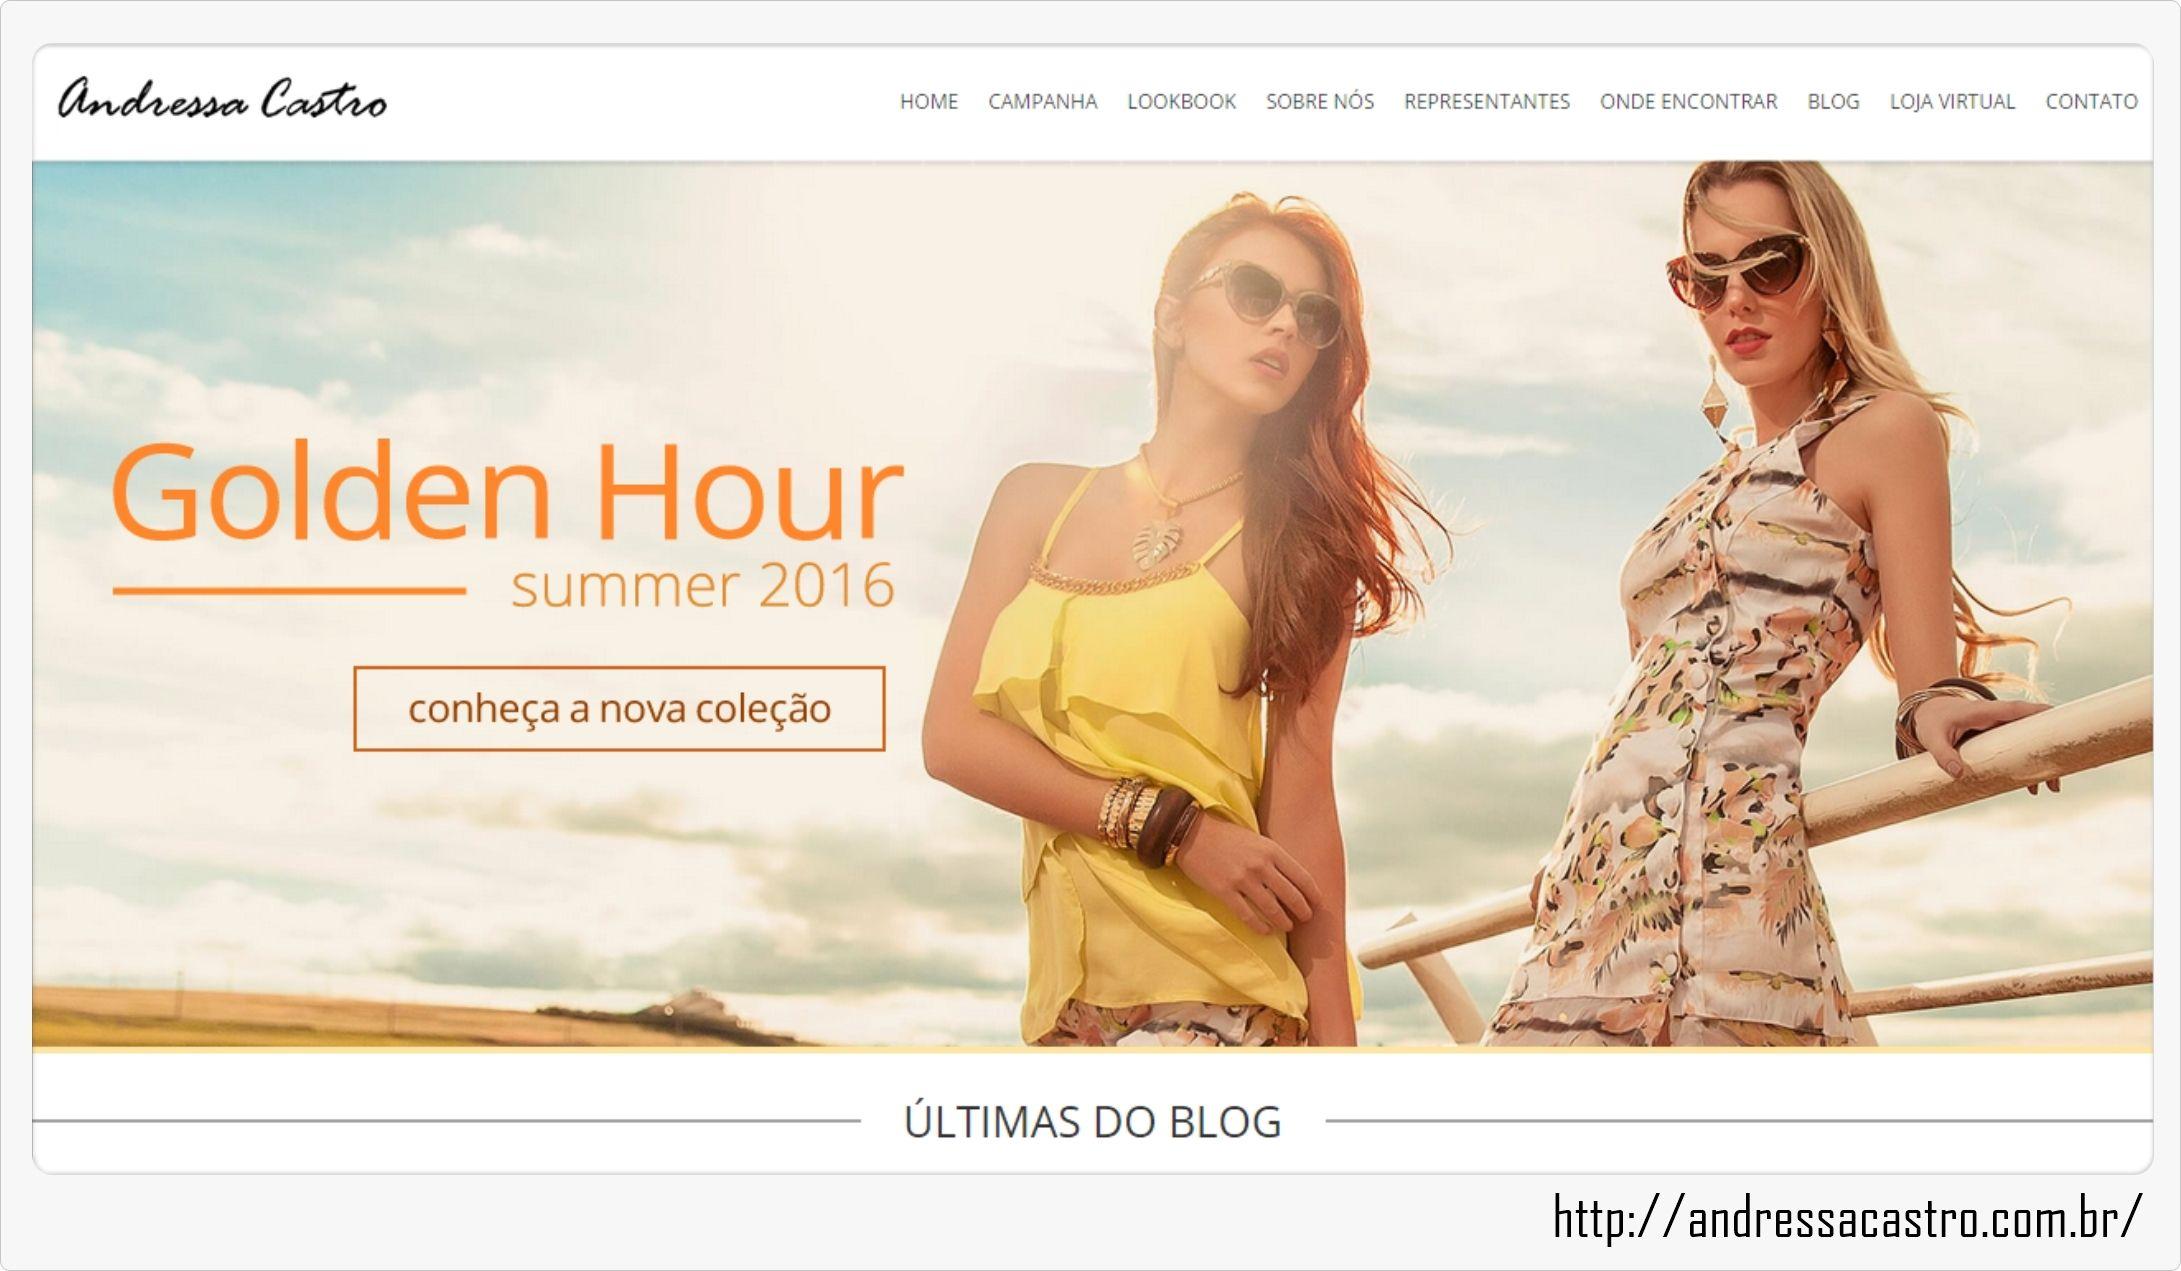 Gente linda, nosso novo site entrou ao ar!!! Ele conta com um visual moderno e de fácil acesso a todas as nossas redes. Algumas abas ainda estão em manutenção, mas você já pode encontrar nosso catálogo, lookbook, e em breve estarão disponíveis a loja virtual e contatos dos nossos representantes. Acesse http://andressacastro.com.br/ #GoldenHour #verão #catálogo #lookbook #fashion #fotografia #look #love #likeandressacastro #andressacastro #modafeminina…